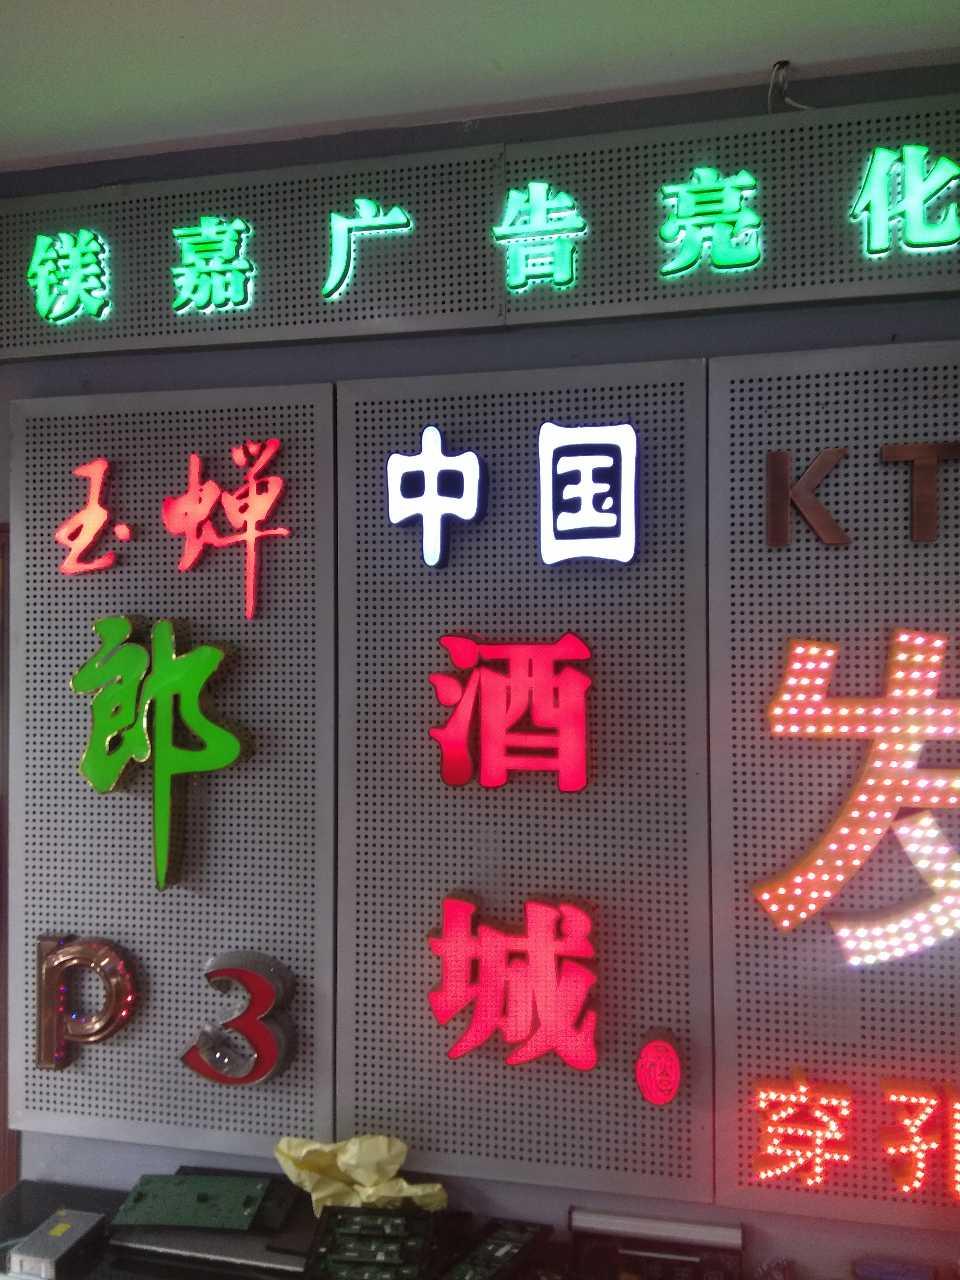 来自陈福翔发布的供应信息:... - 泸州市龙马潭区镁嘉广告有限公司